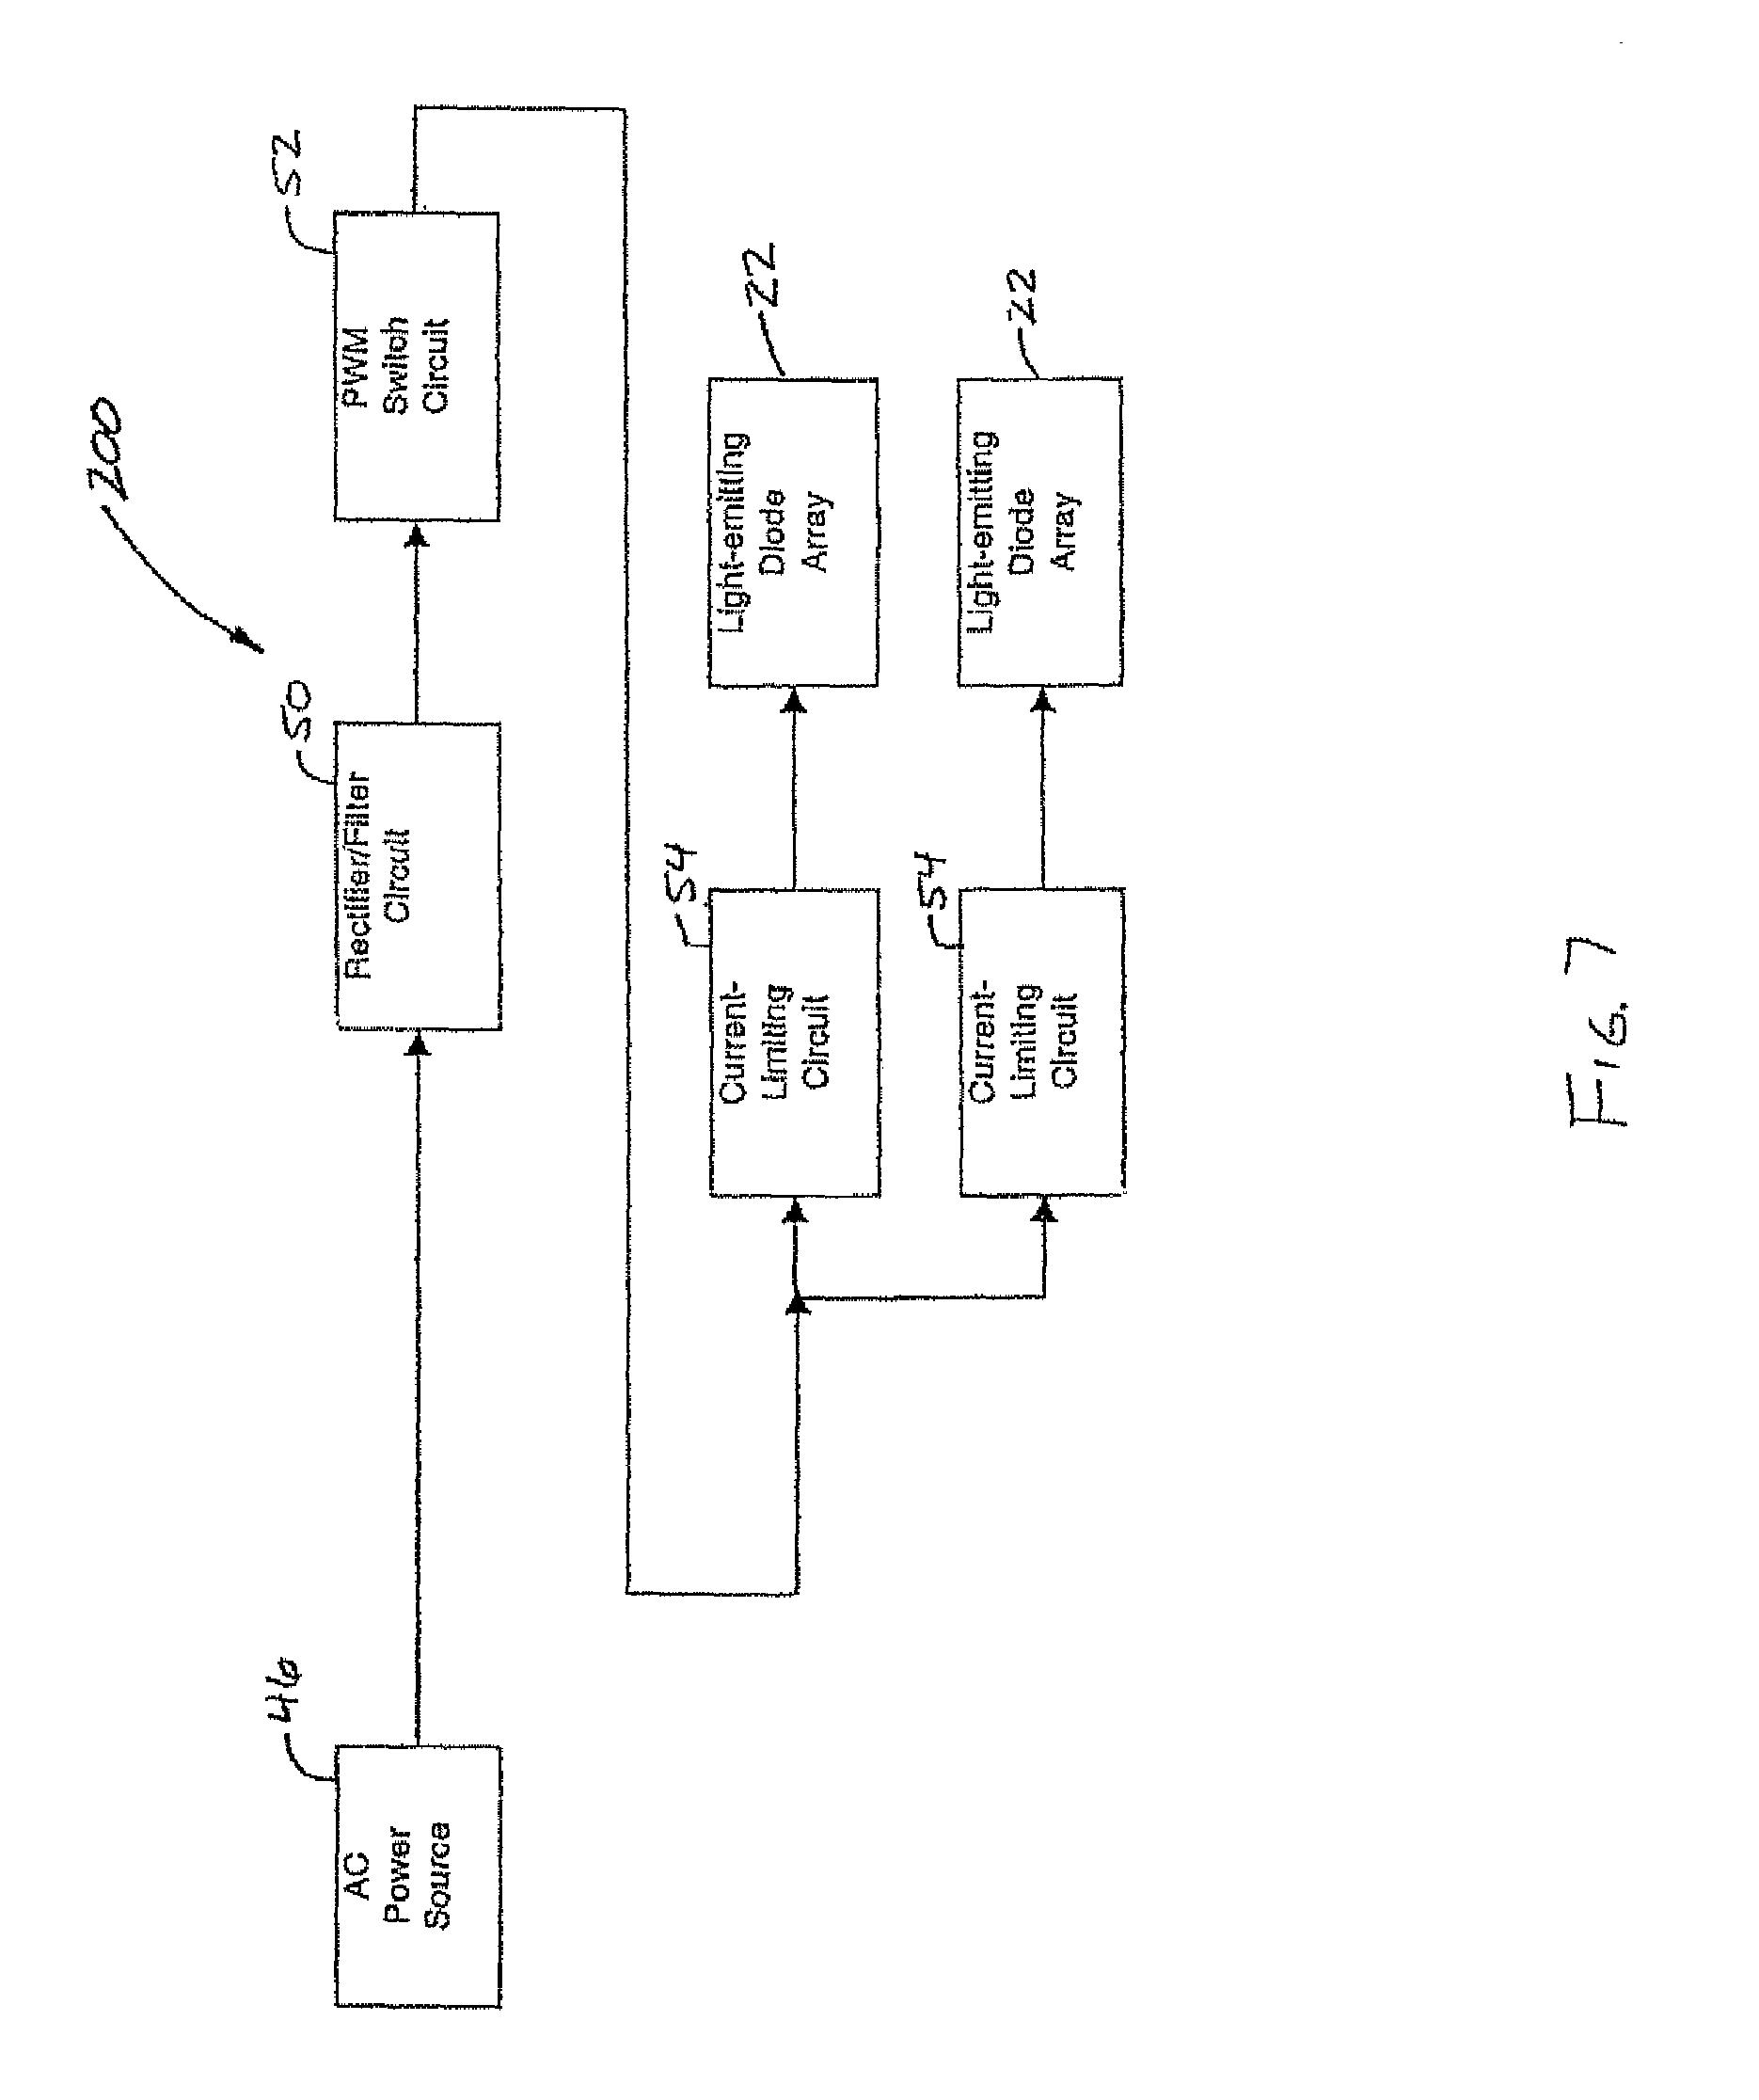 patent us7510299